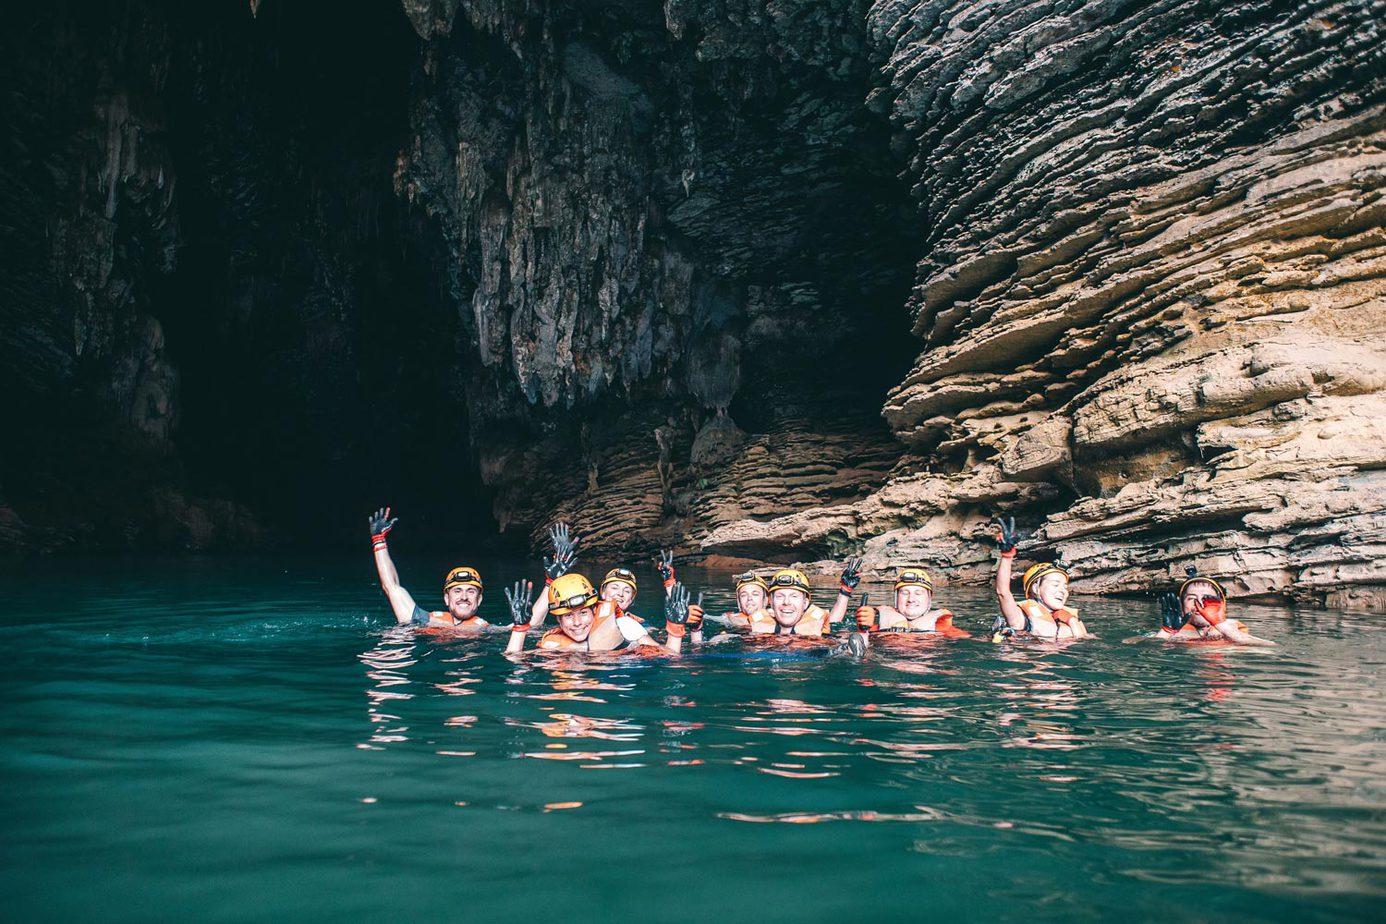 Bơi trong làn nước xanh mát trong lòng Hang Ken sẽ là một trải nghiệm tuyệt vời cho bạn.